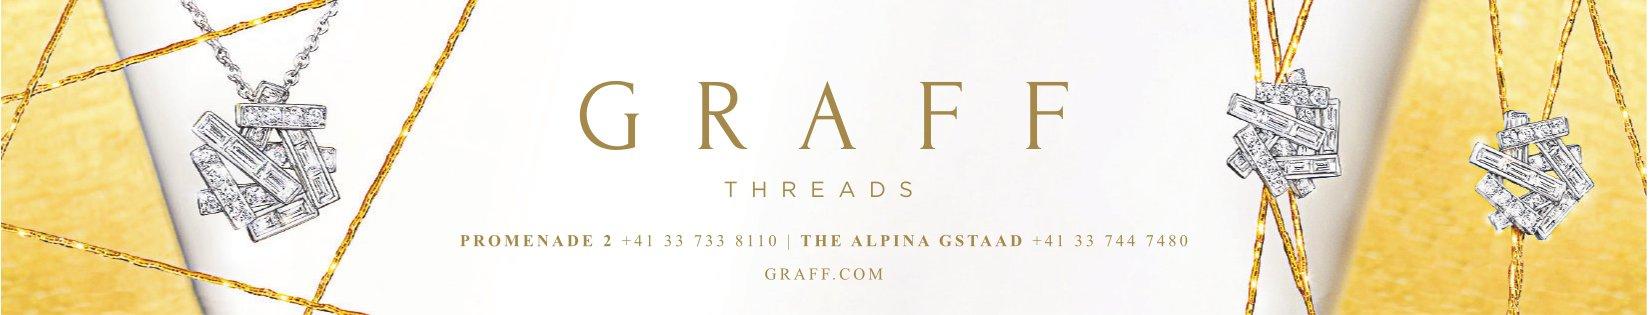 GRAFF THREADS, GSTAAD